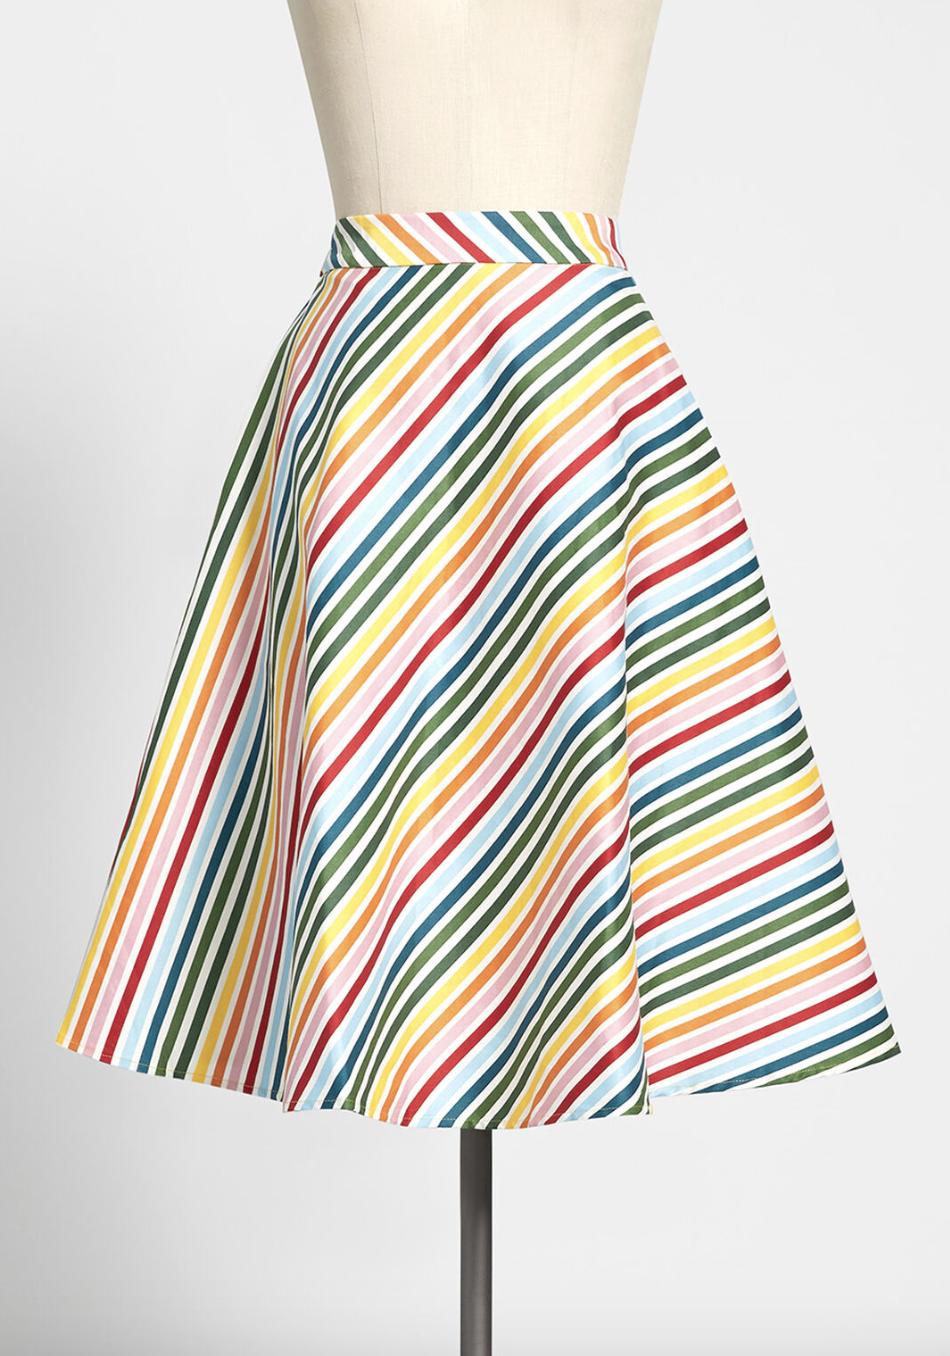 A diagonally striped mid-length rainbow skirt